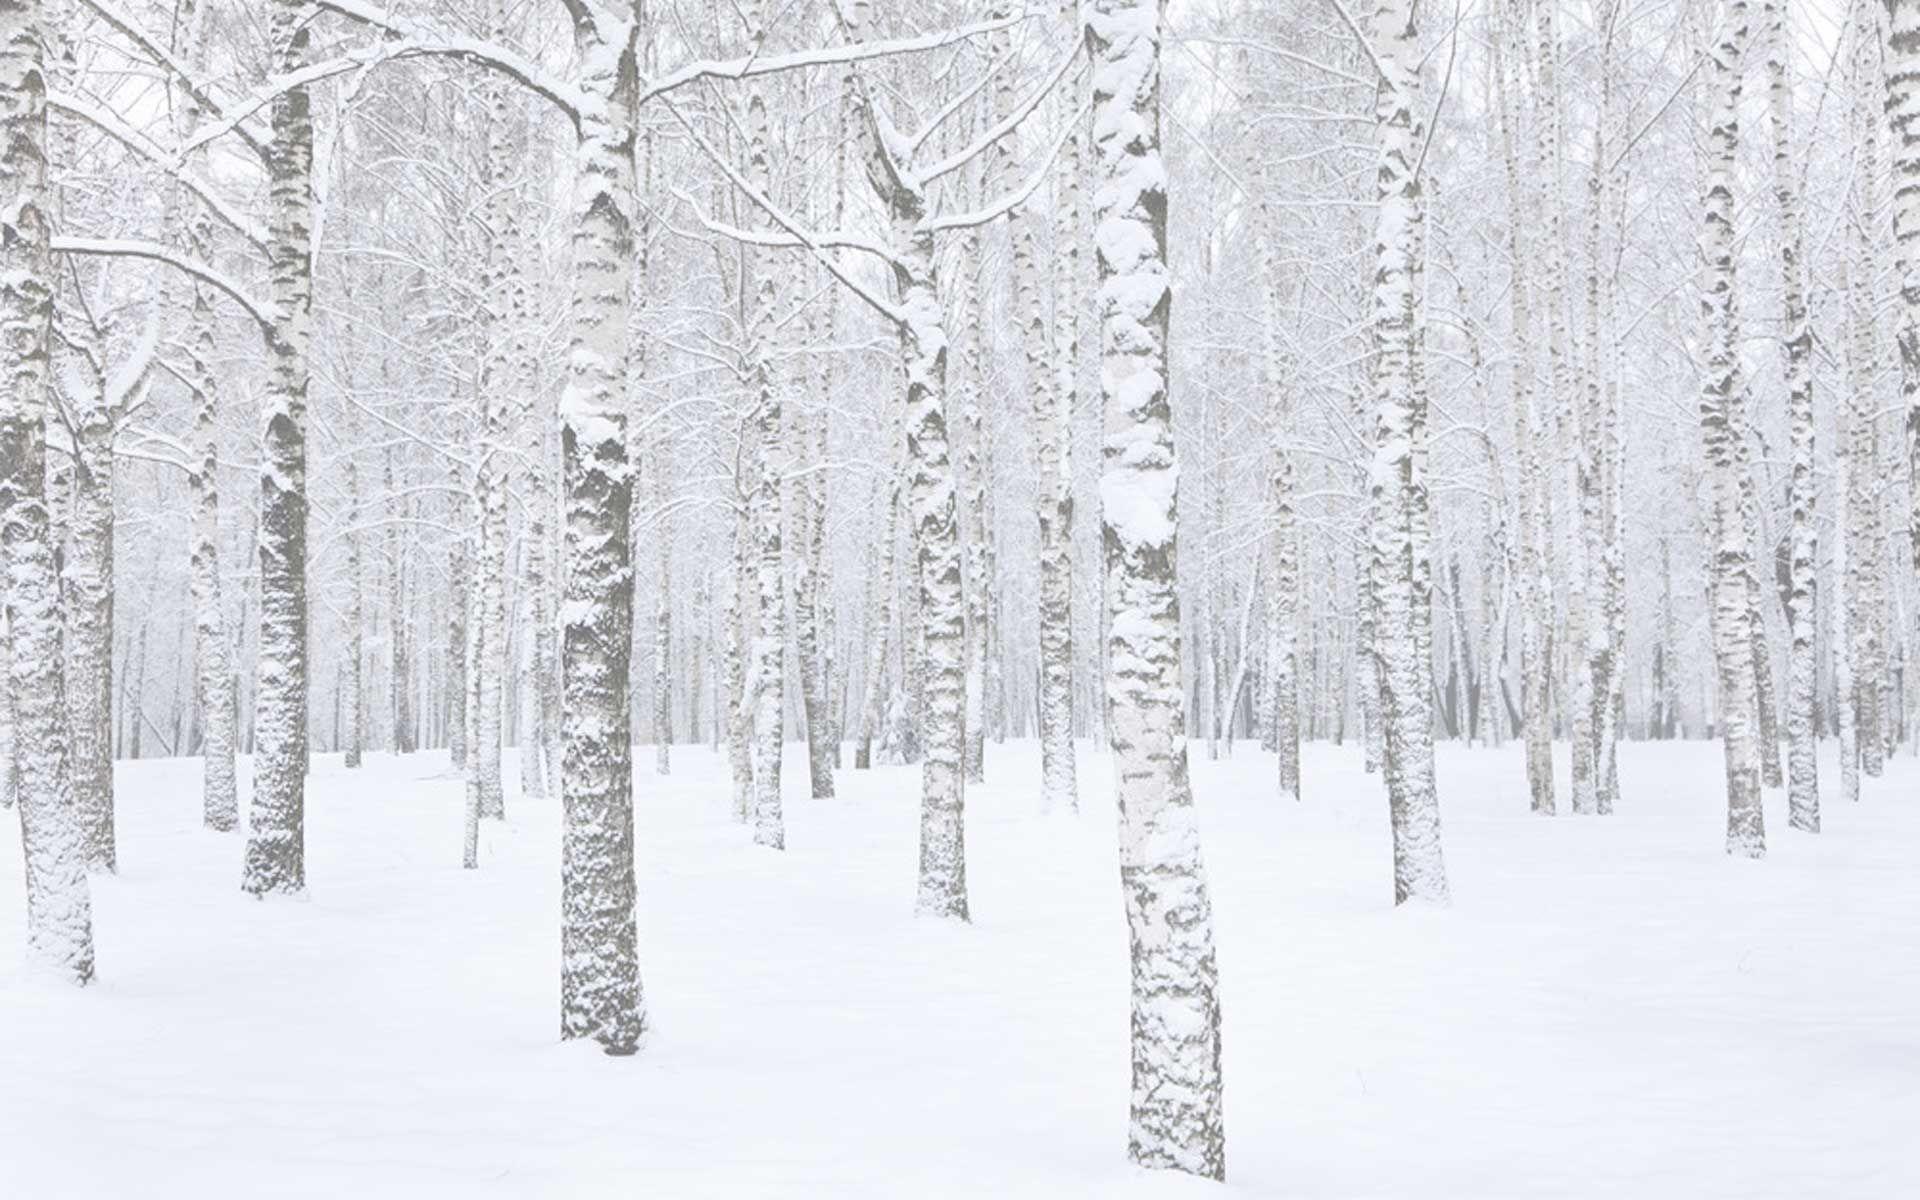 Birchtree-designs-whistler-birch-snow1